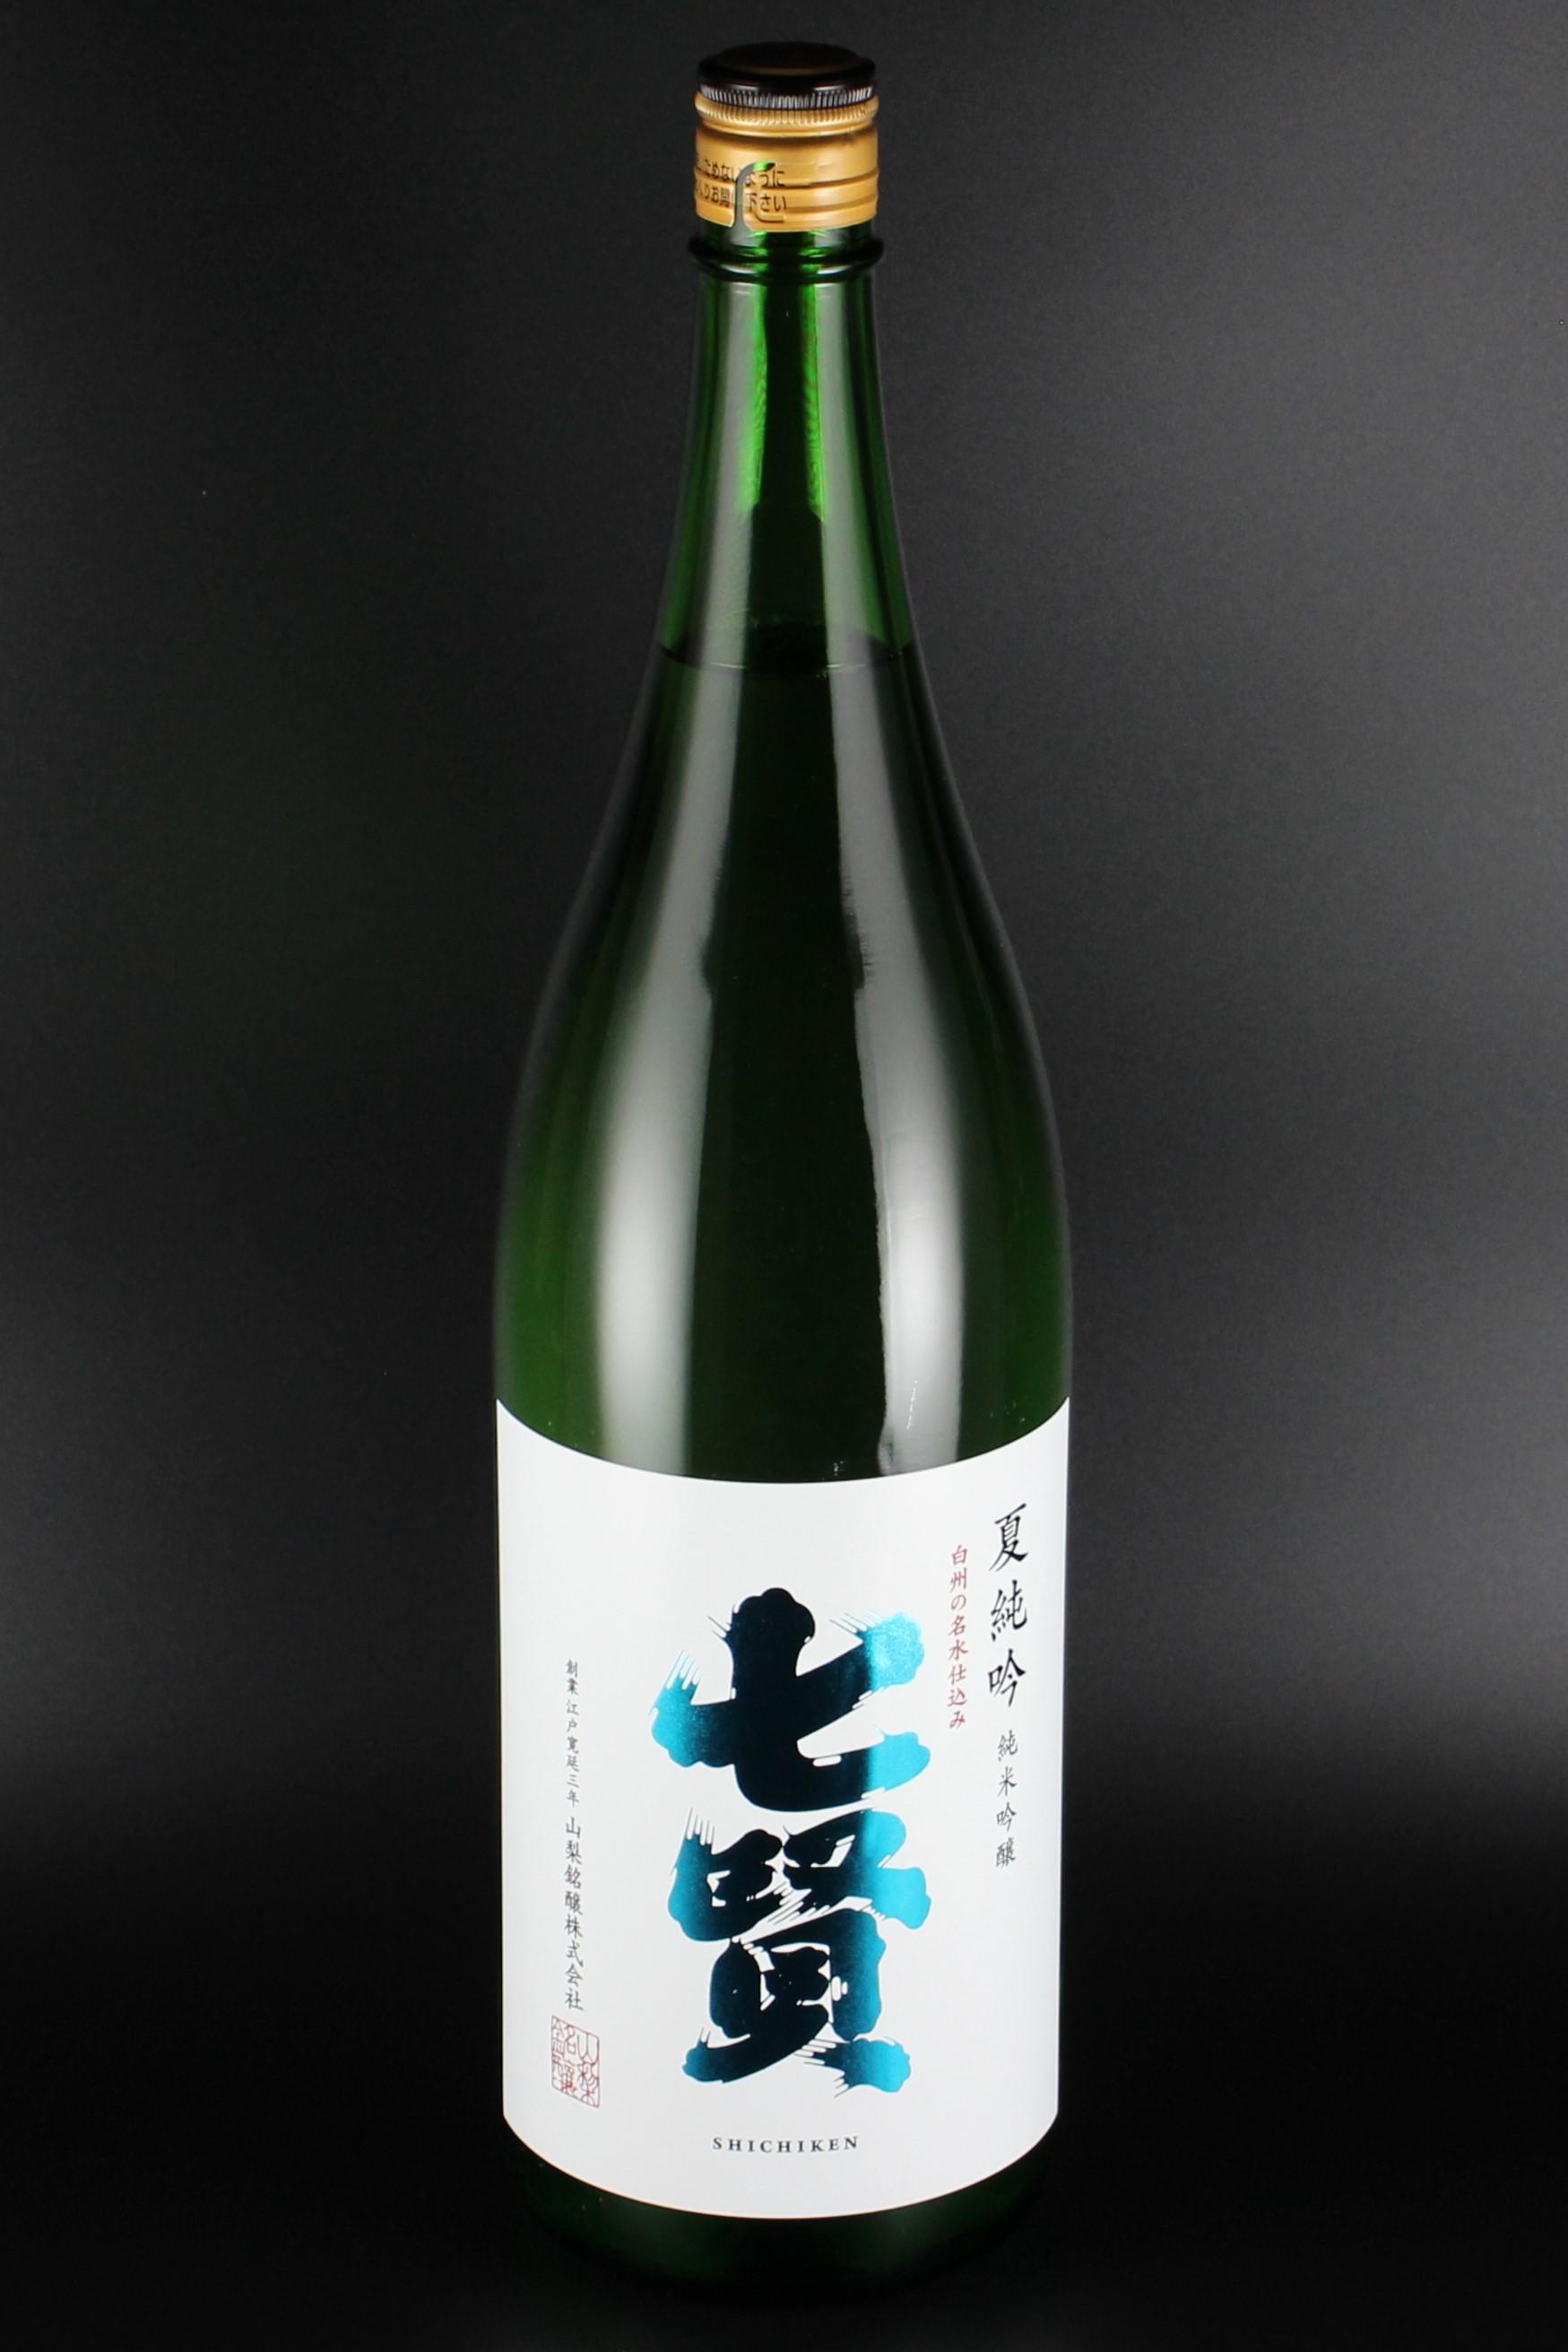 春霞 栗ラベル緑 特別純米 八反錦 720ml 【秋田/栗林酒造店】2015醸造年度